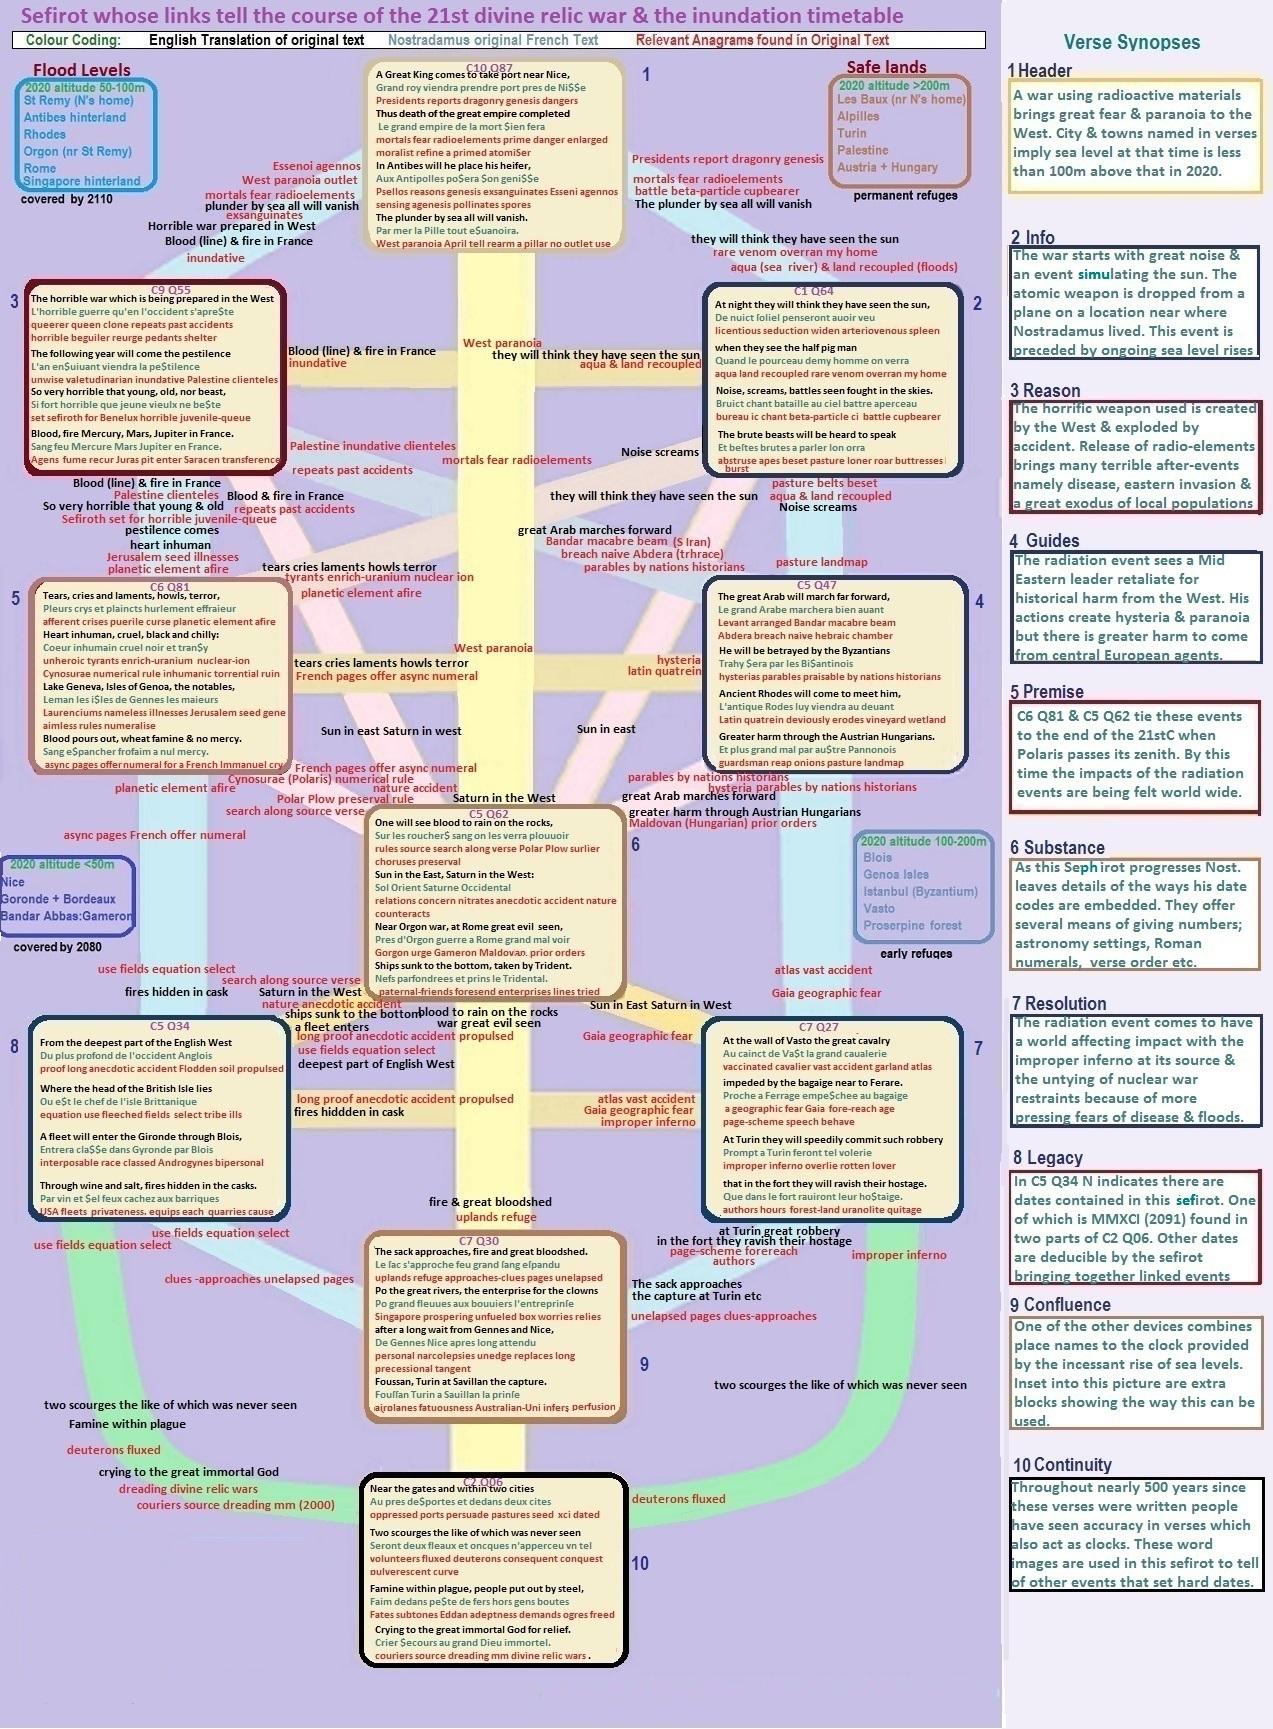 Nostradamus' Chart for events behind modern wars